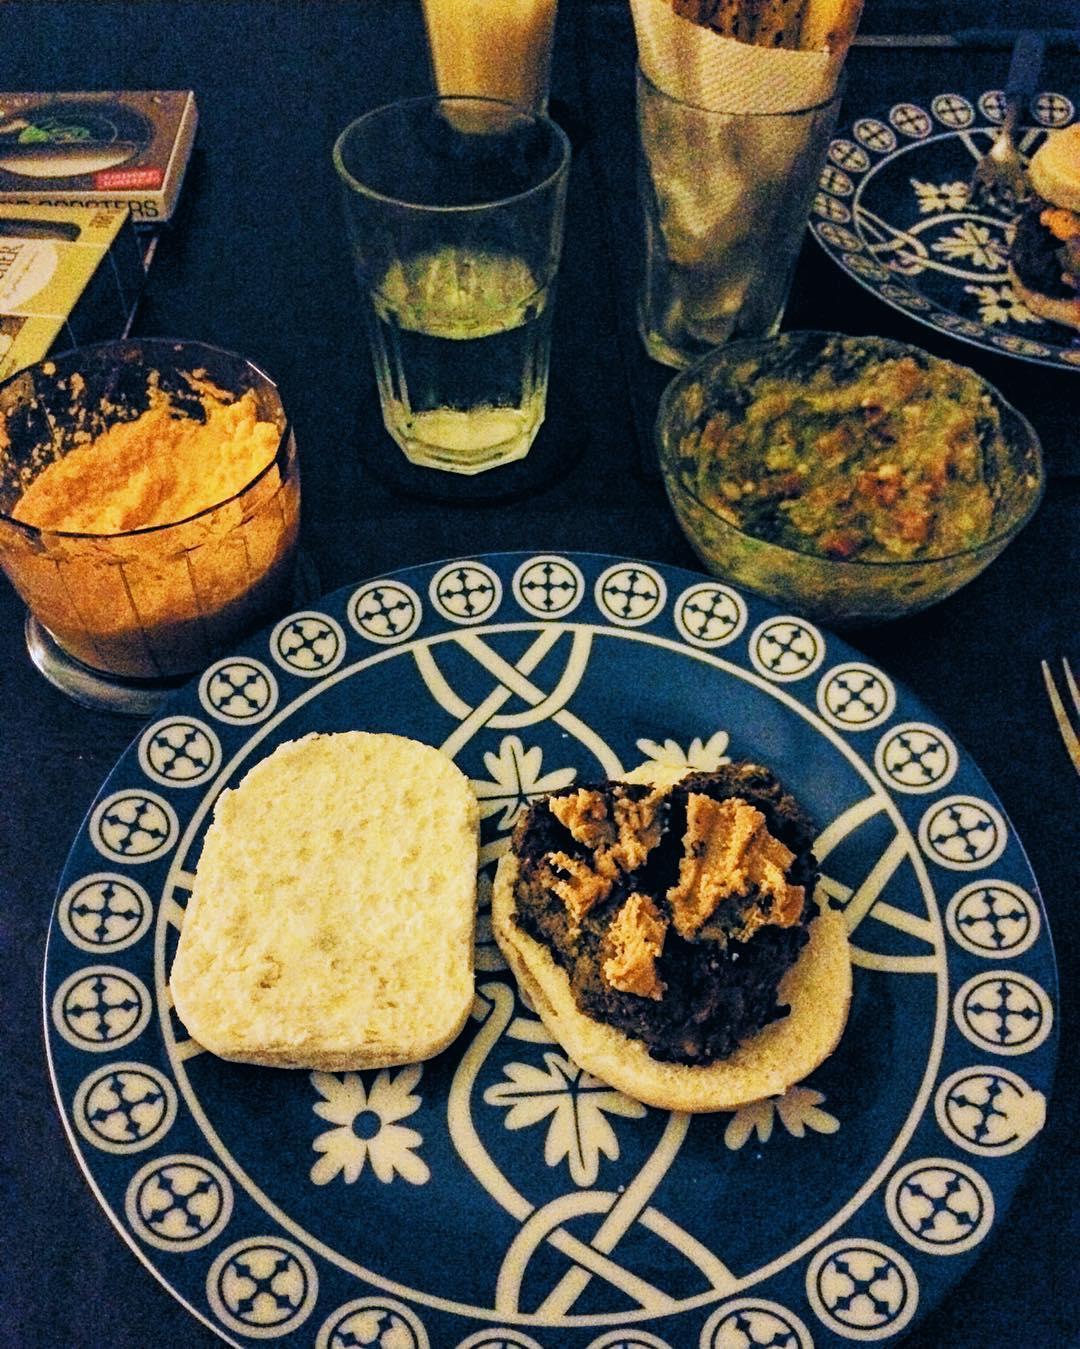 Jajja no es muy estetica la foto, pero queria mostrar mi cena de san valentin hamburguesas vegan de lentejas y cebolla con pimenton y curry con quedo de castañas de caju acompañada por mayonesa de zanahoria guacamole y papas rusticas en cuña para...